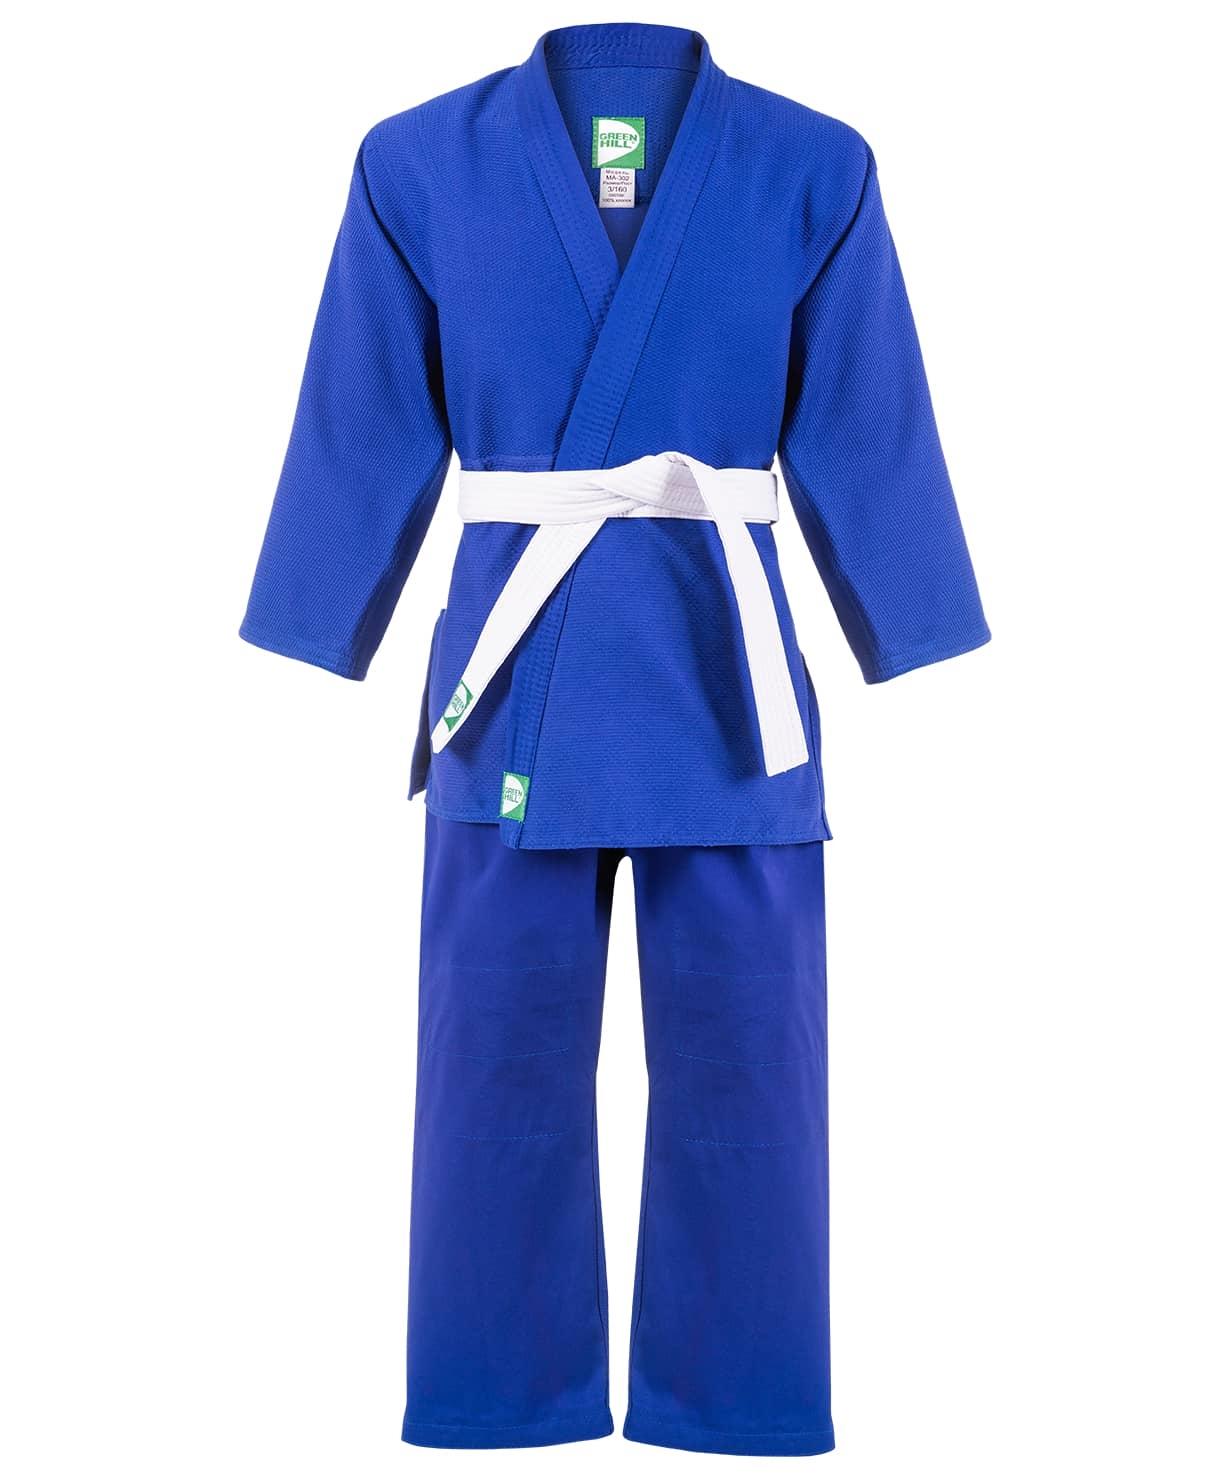 Кимоно для дзюдо MA-302 синий, р.2/150